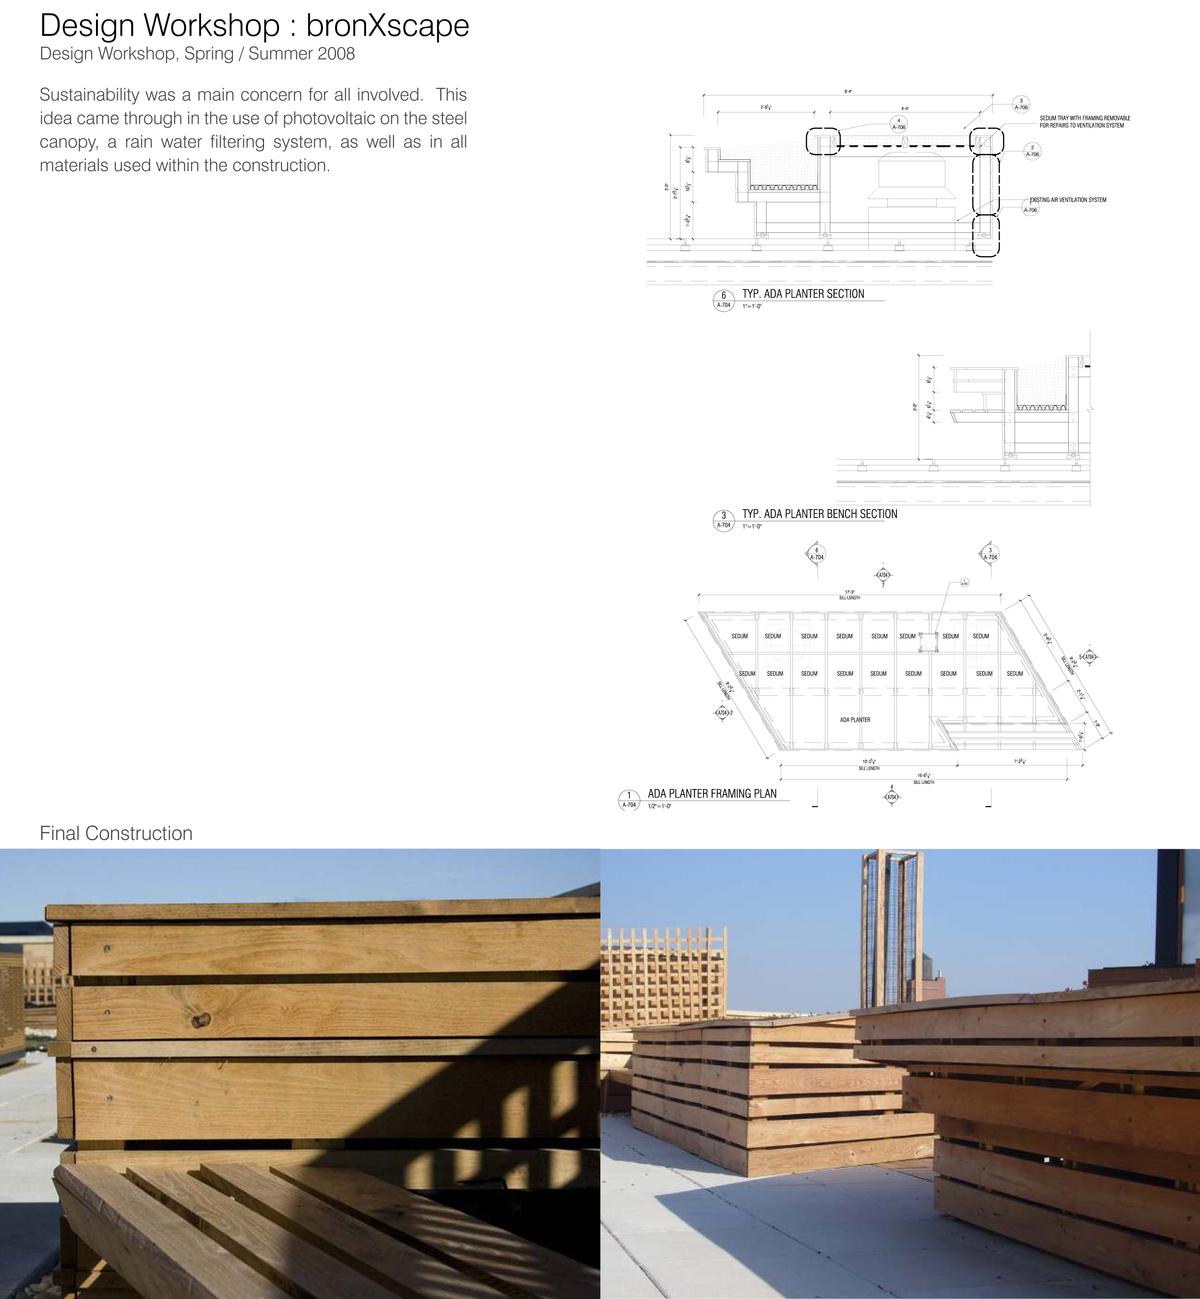 Design Workshop : bronXscape